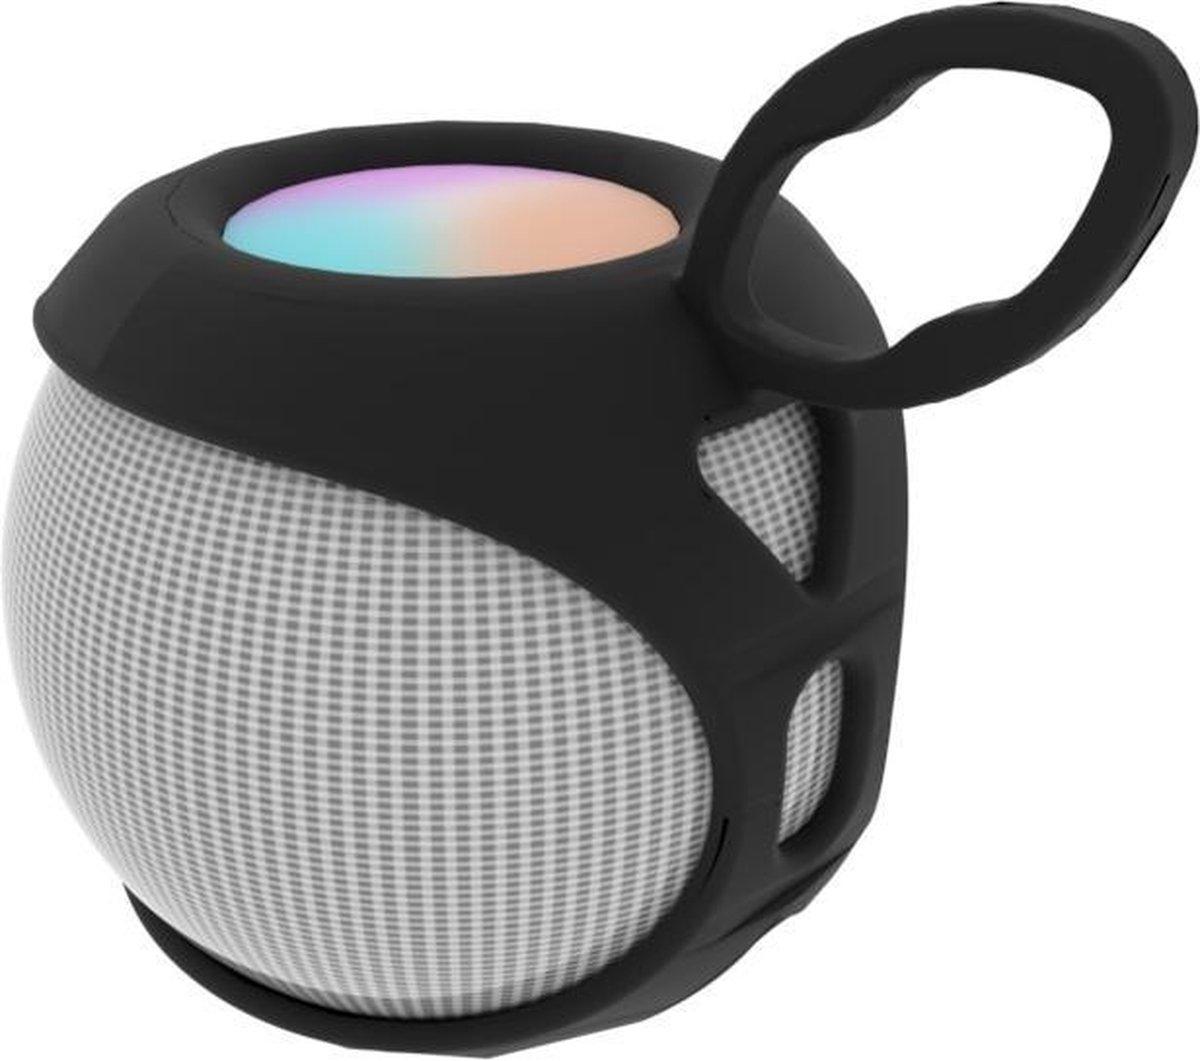 Luxe Siliconen Case voor Apple Homepod Mini - Soft Cover Hoesje - Smart Speaker Beschermhoes - Zwart